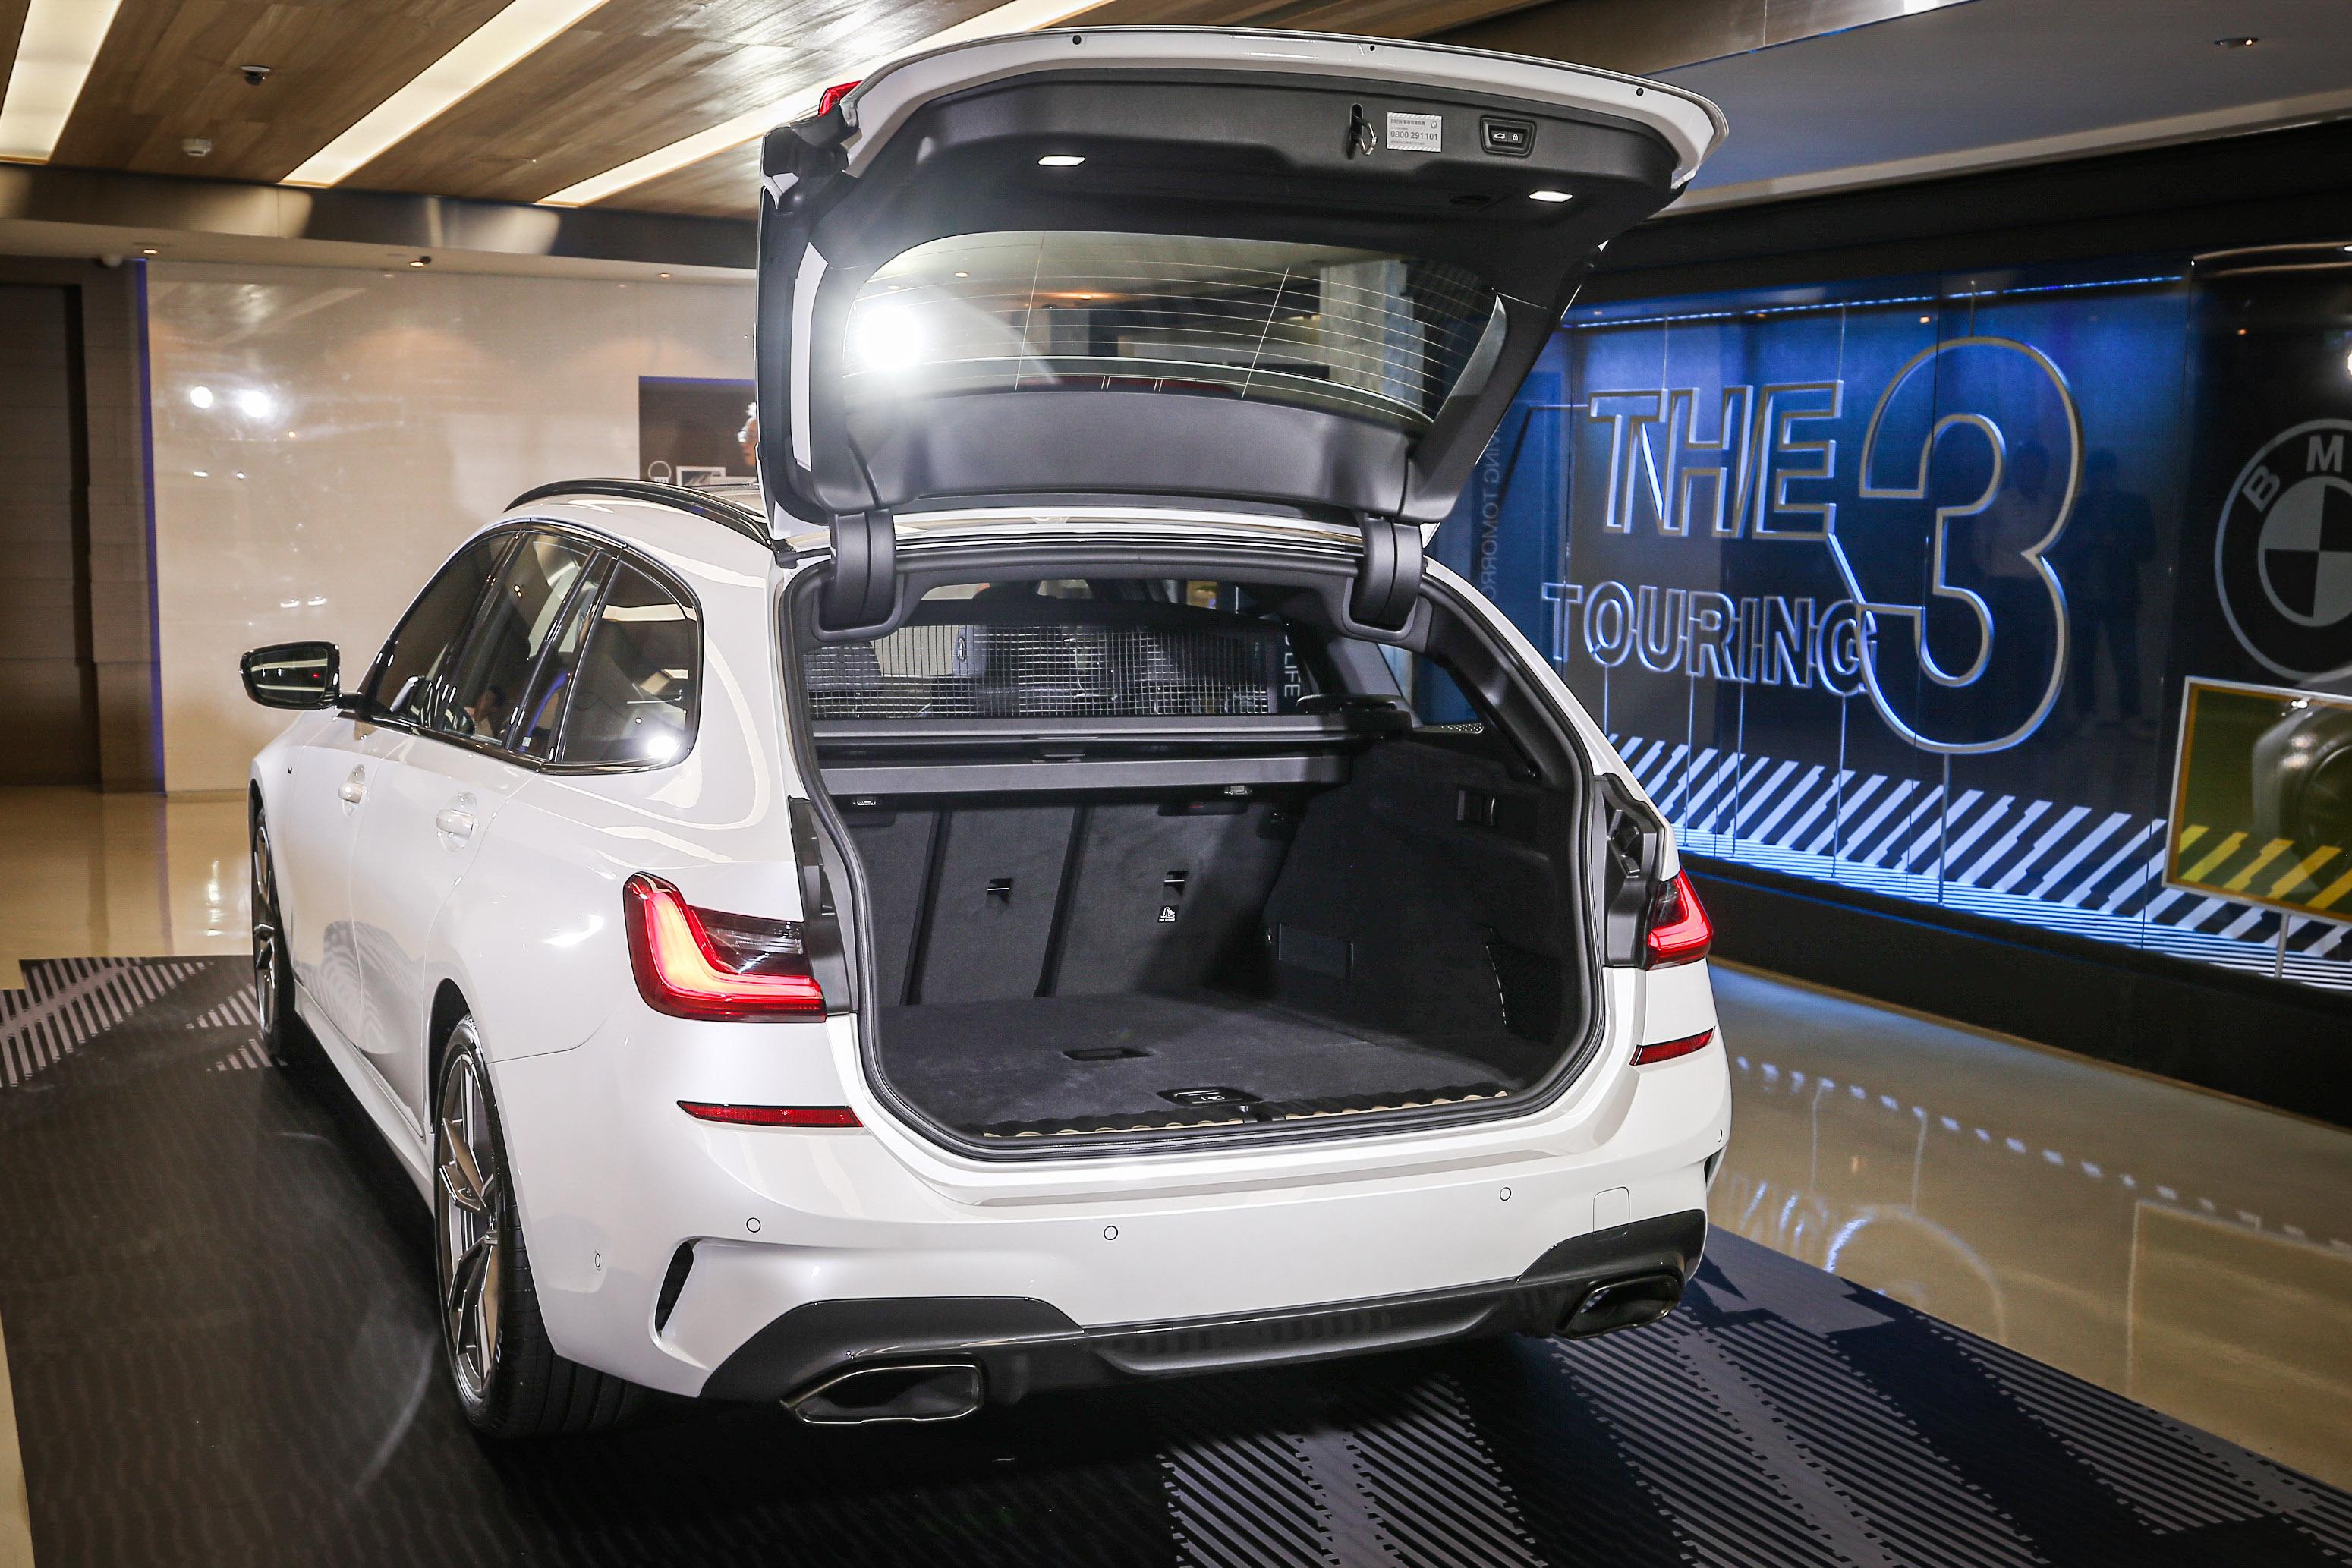 尾廂提供 4/2/4 椅背分離傾倒功能,容積可由 500 公升提升至 1,510 公升。